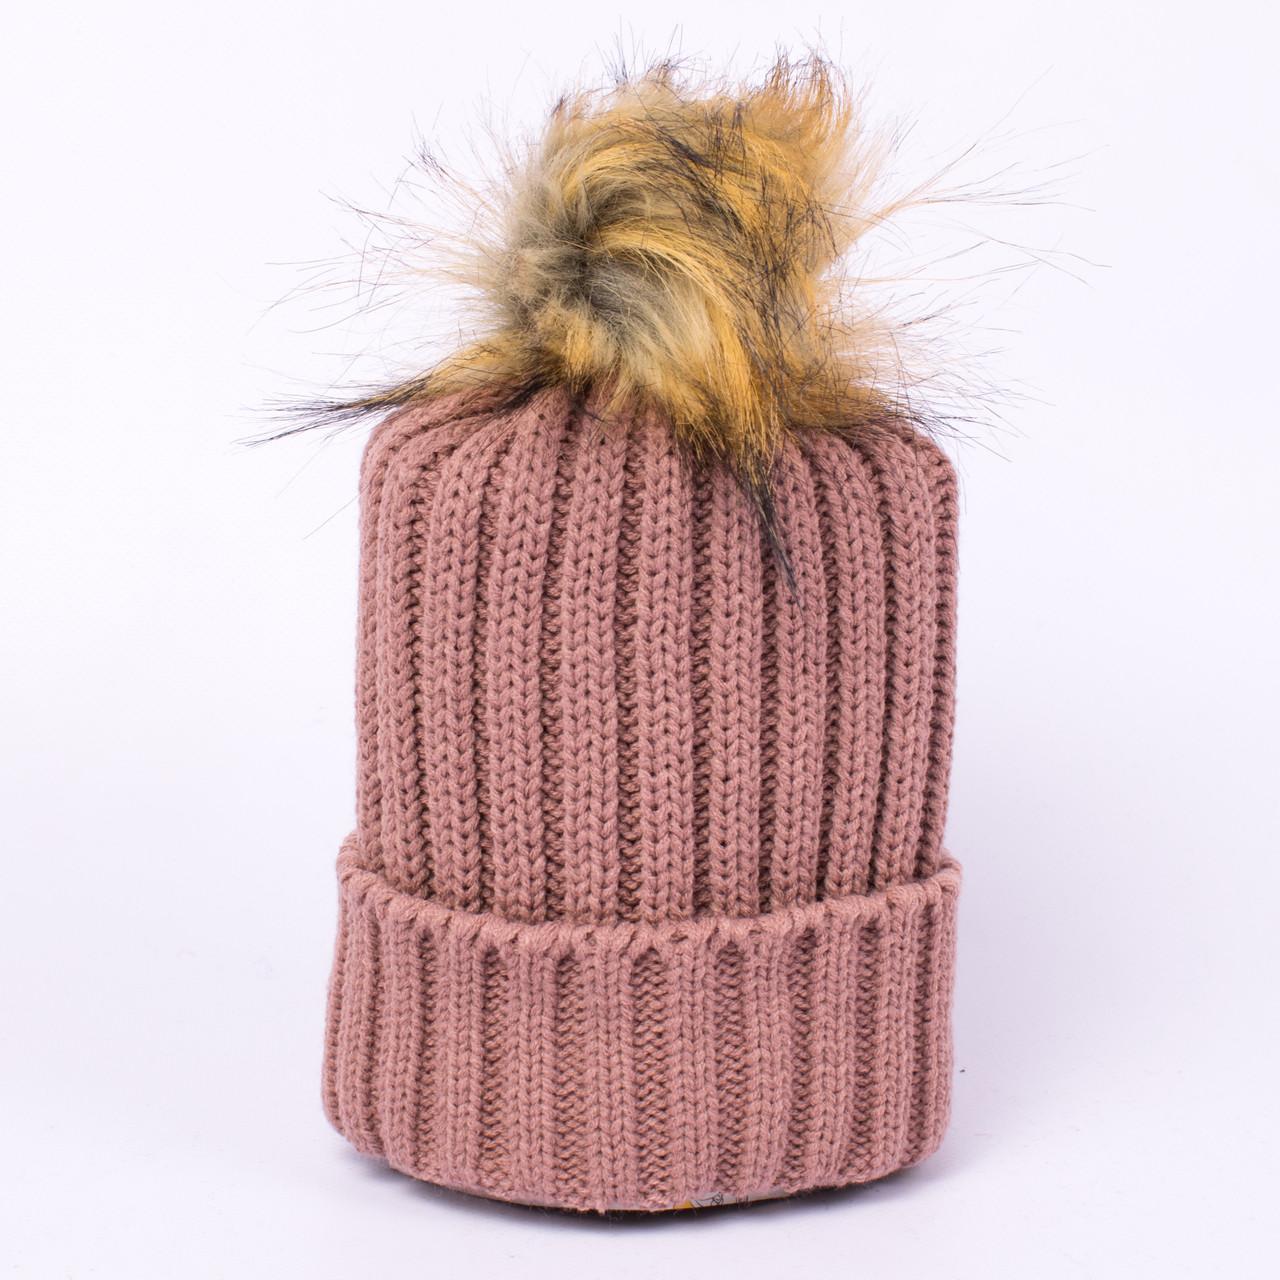 Женская вязаная шапка с помпоном пепельно-розовая CMF W18-12 04 Karako